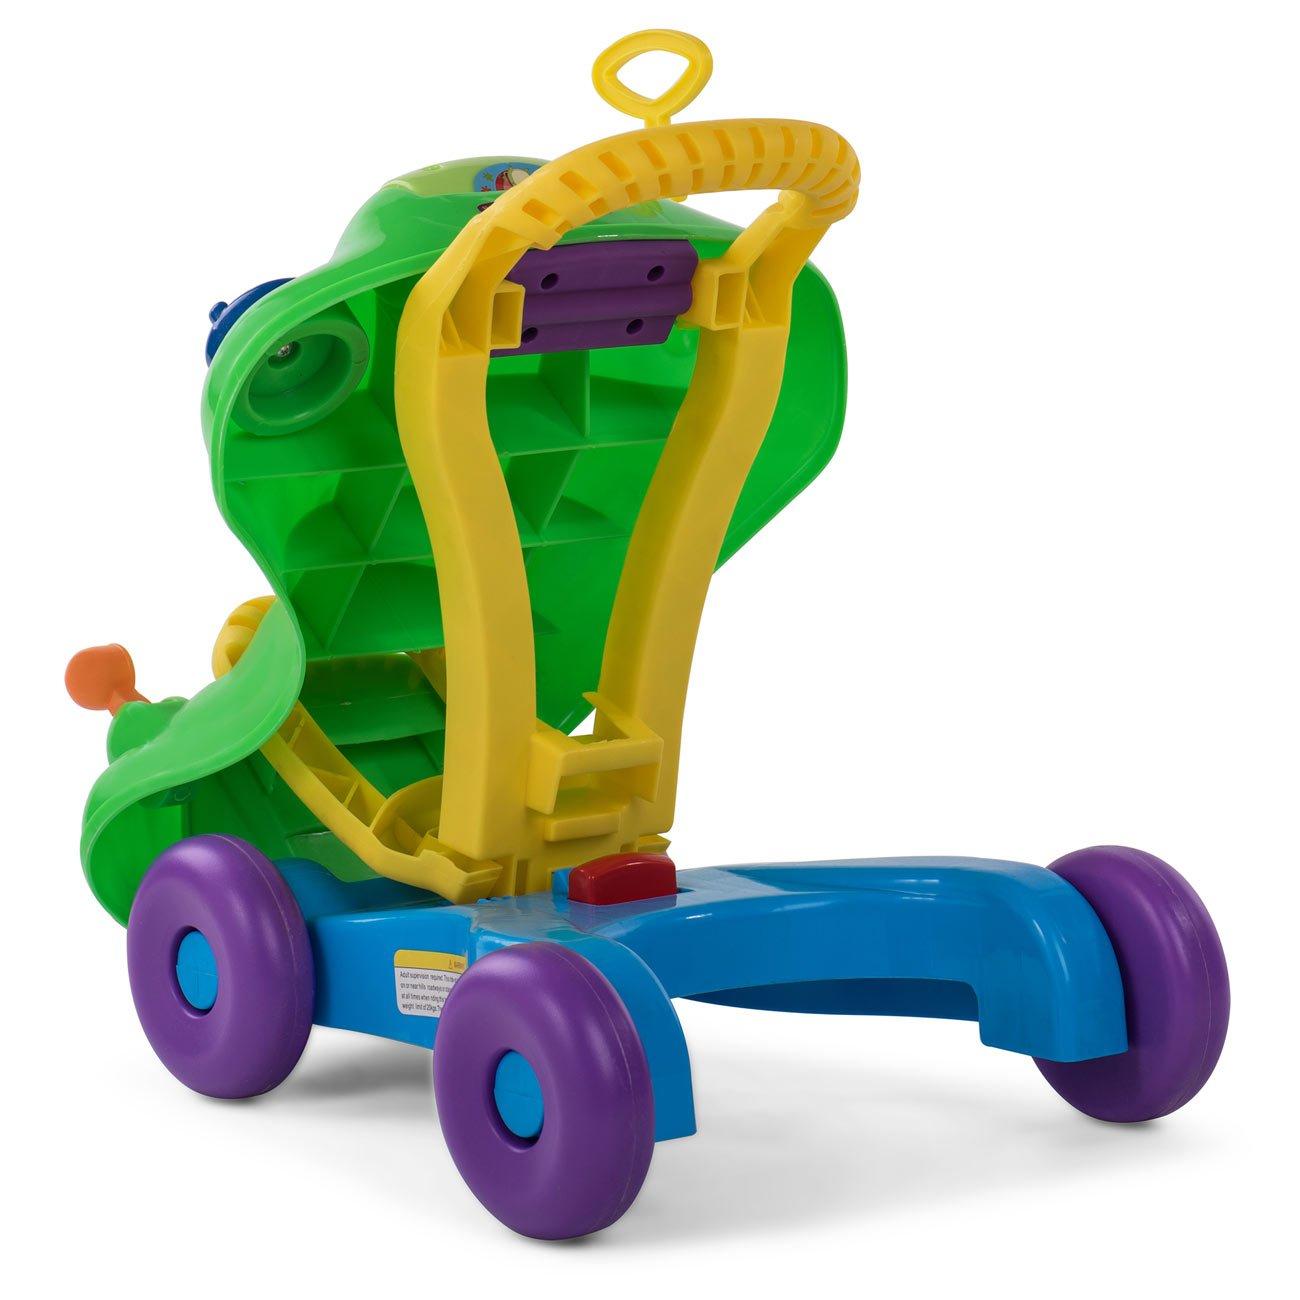 Vert Baby Vivo Trotteur Pour B/éb/é Porteur 2en1 Marcheur Marchettes Enfant Voiture Jouet Enfants Multifonctionnel